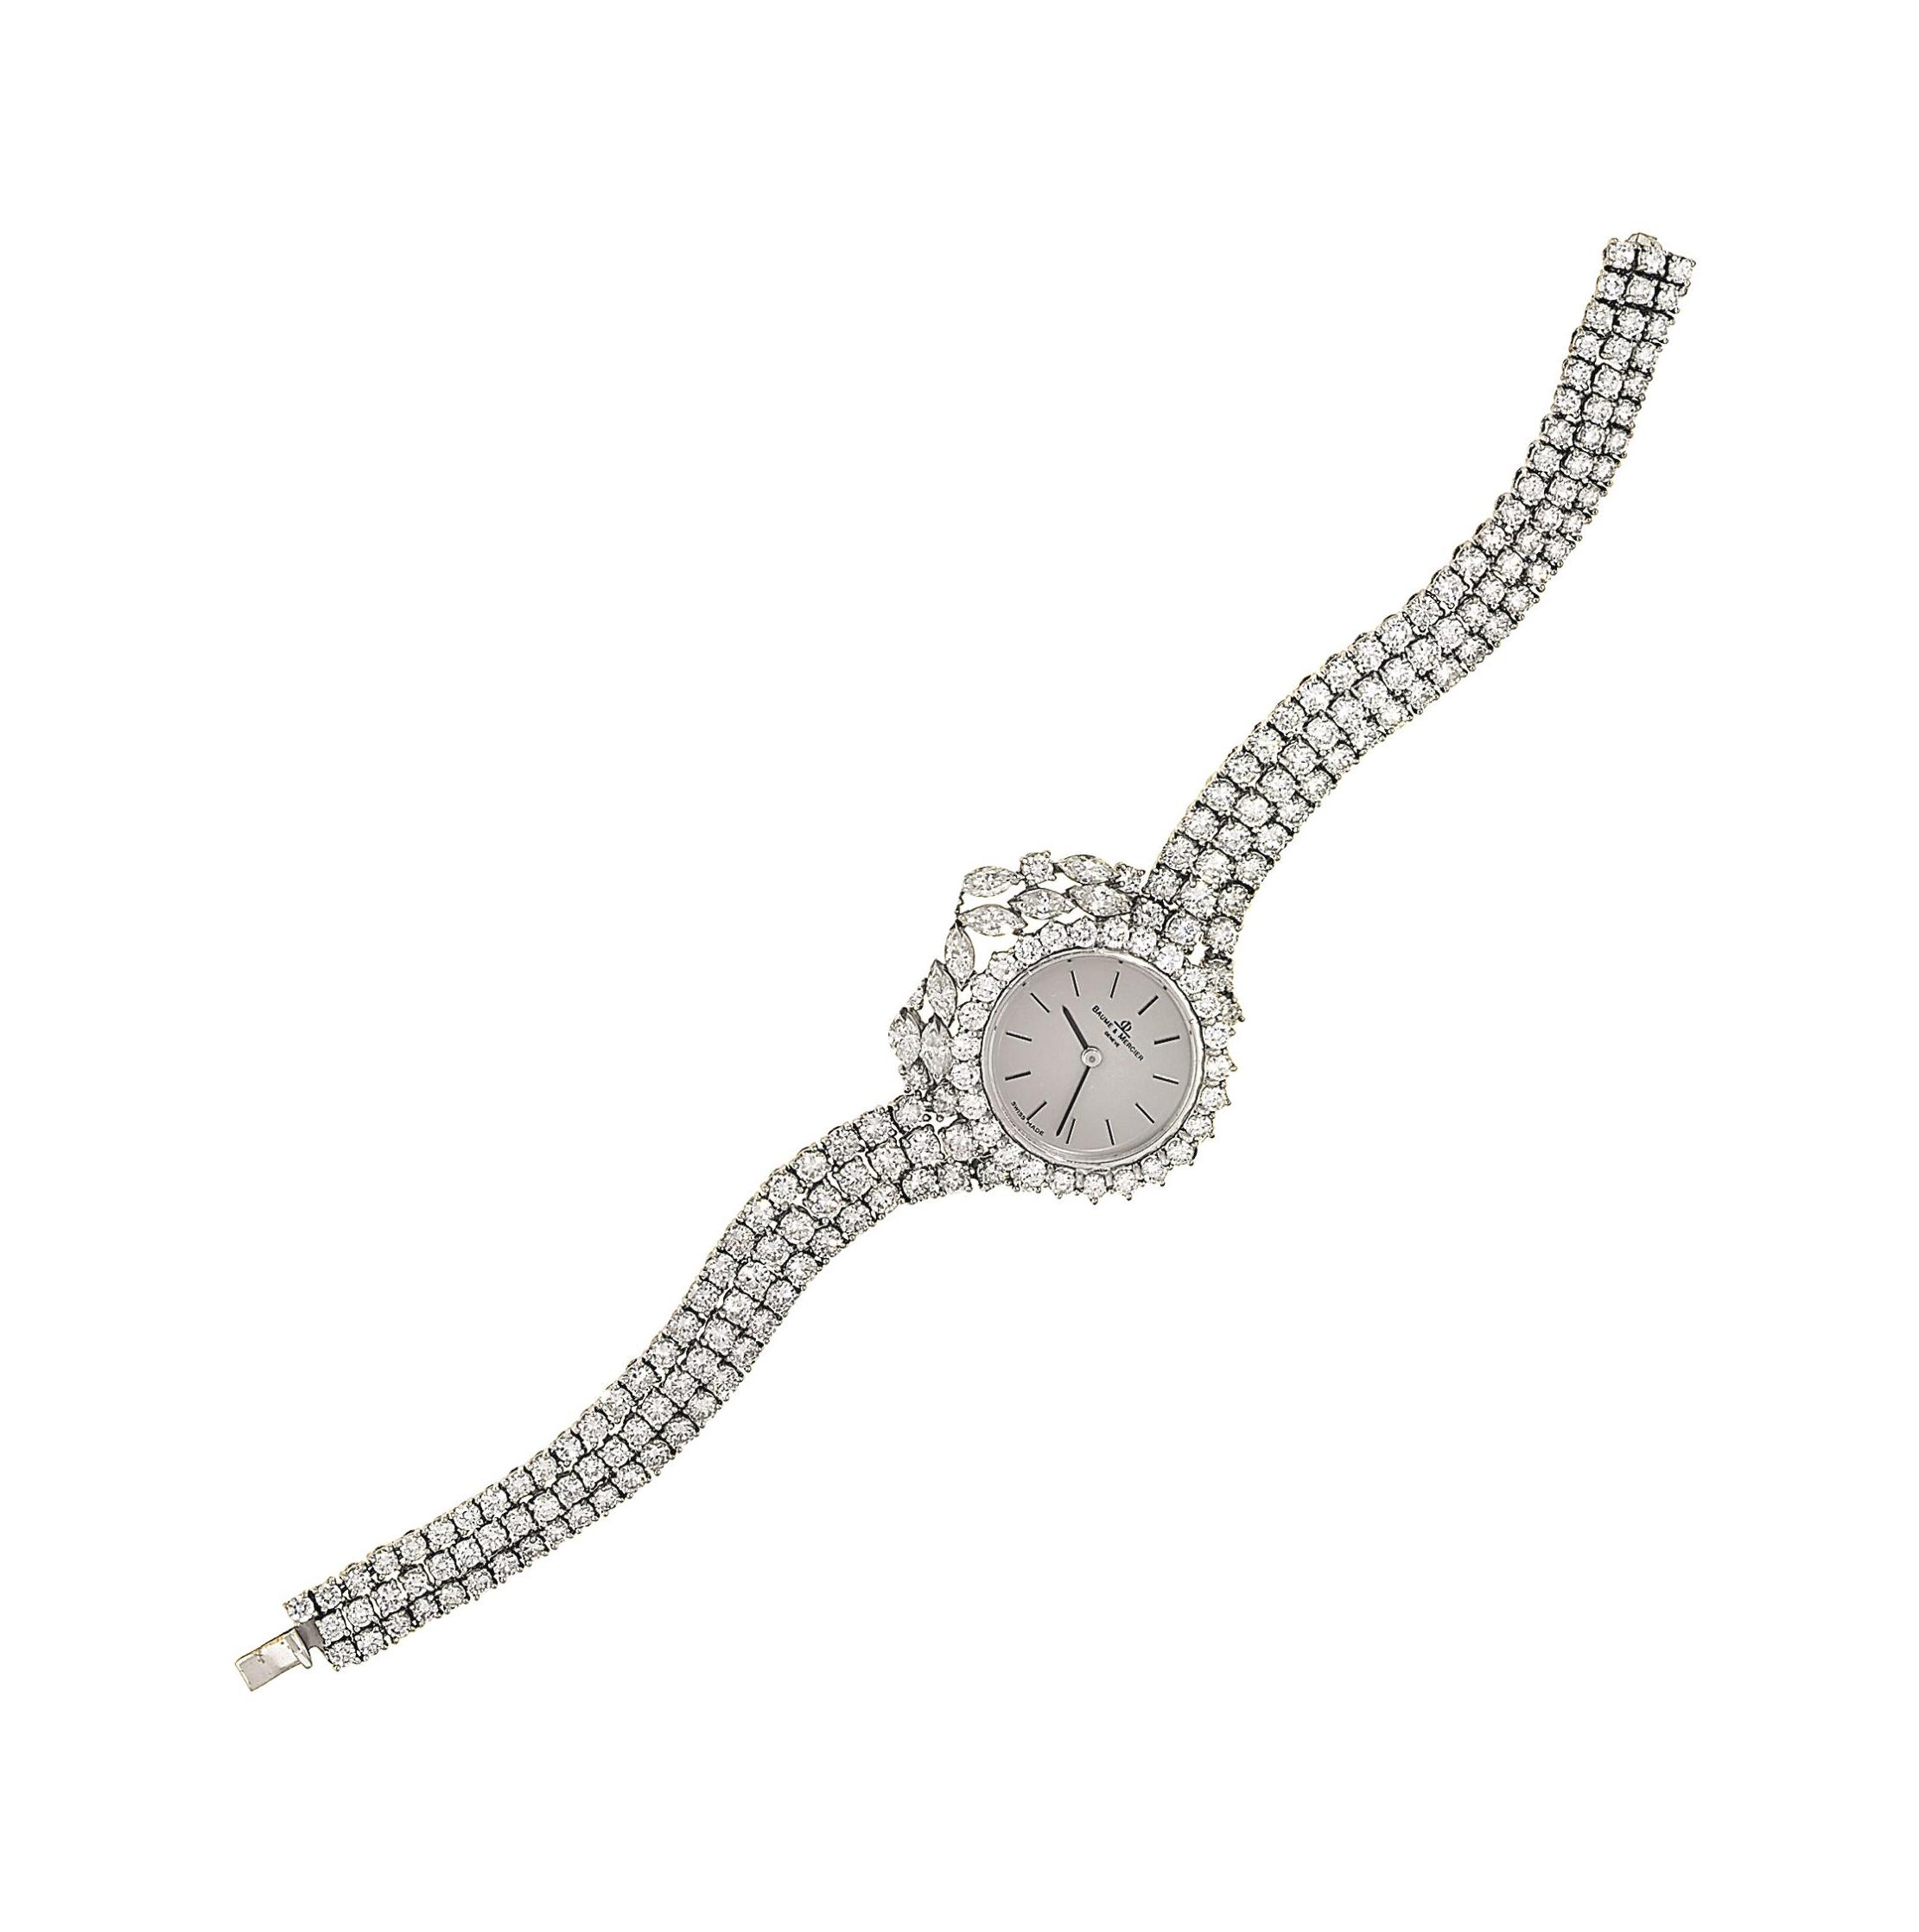 A diamond wristwatch, by Baume & Mercier